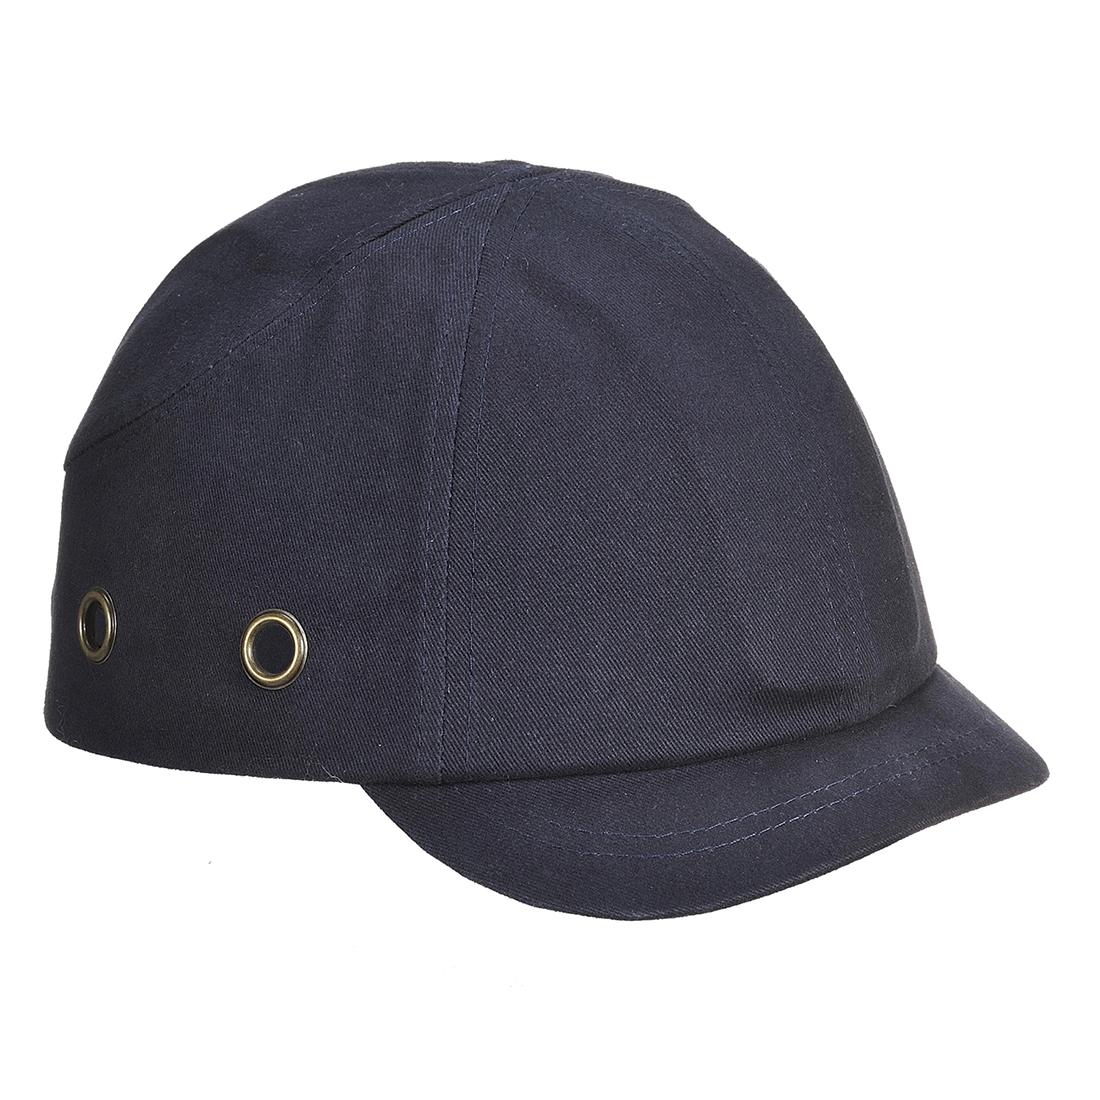 PW89/N BUMP CAP SHORT PEAK NAVY